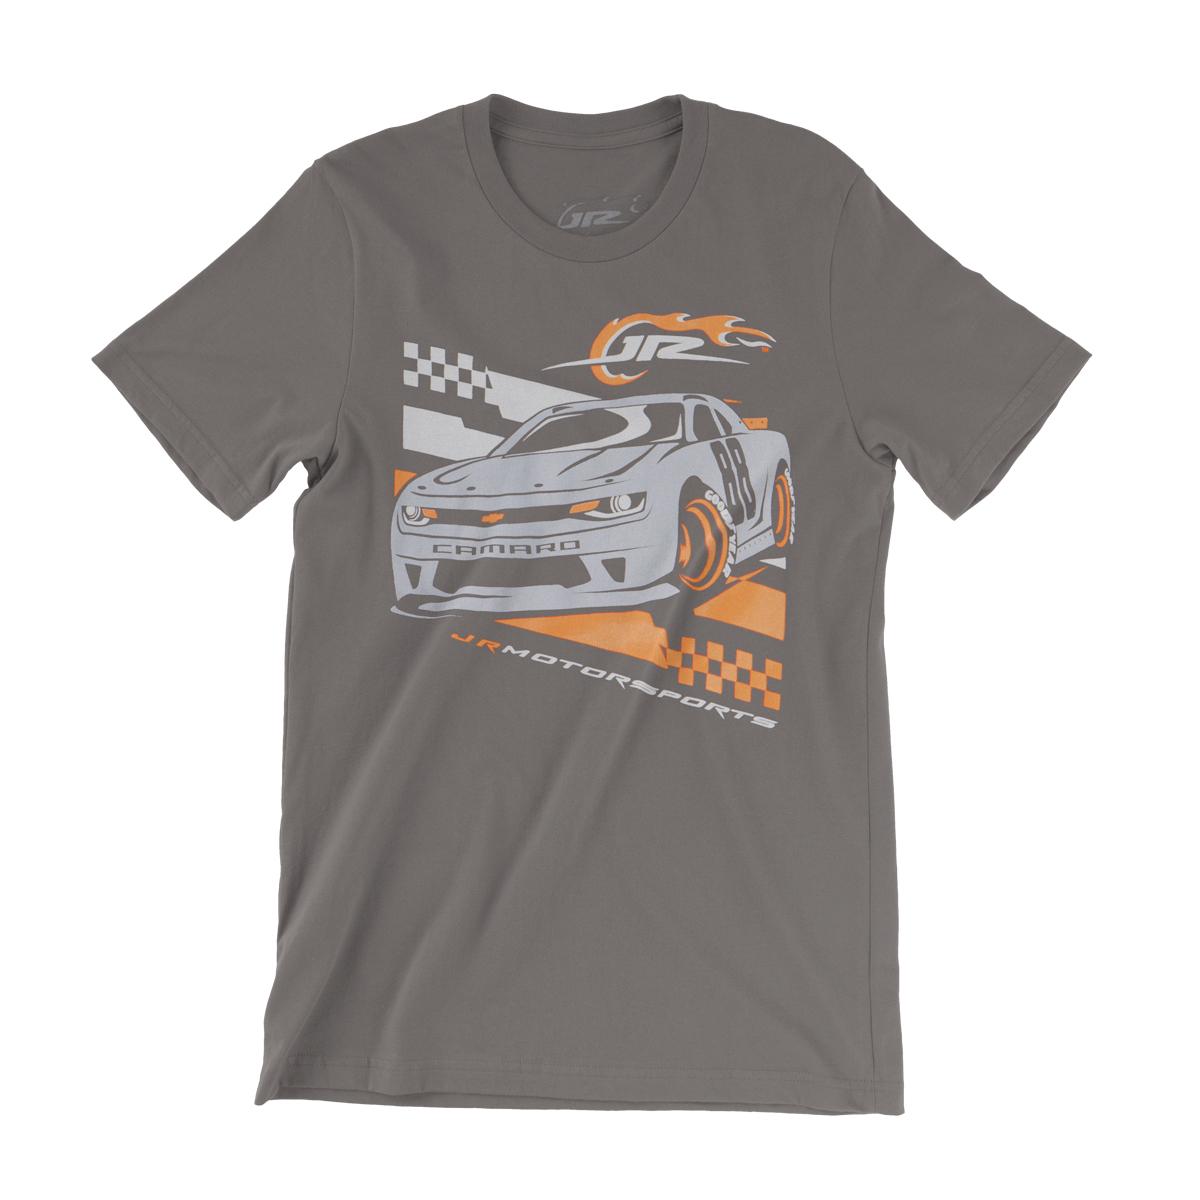 JRM Youth Car T-shirt